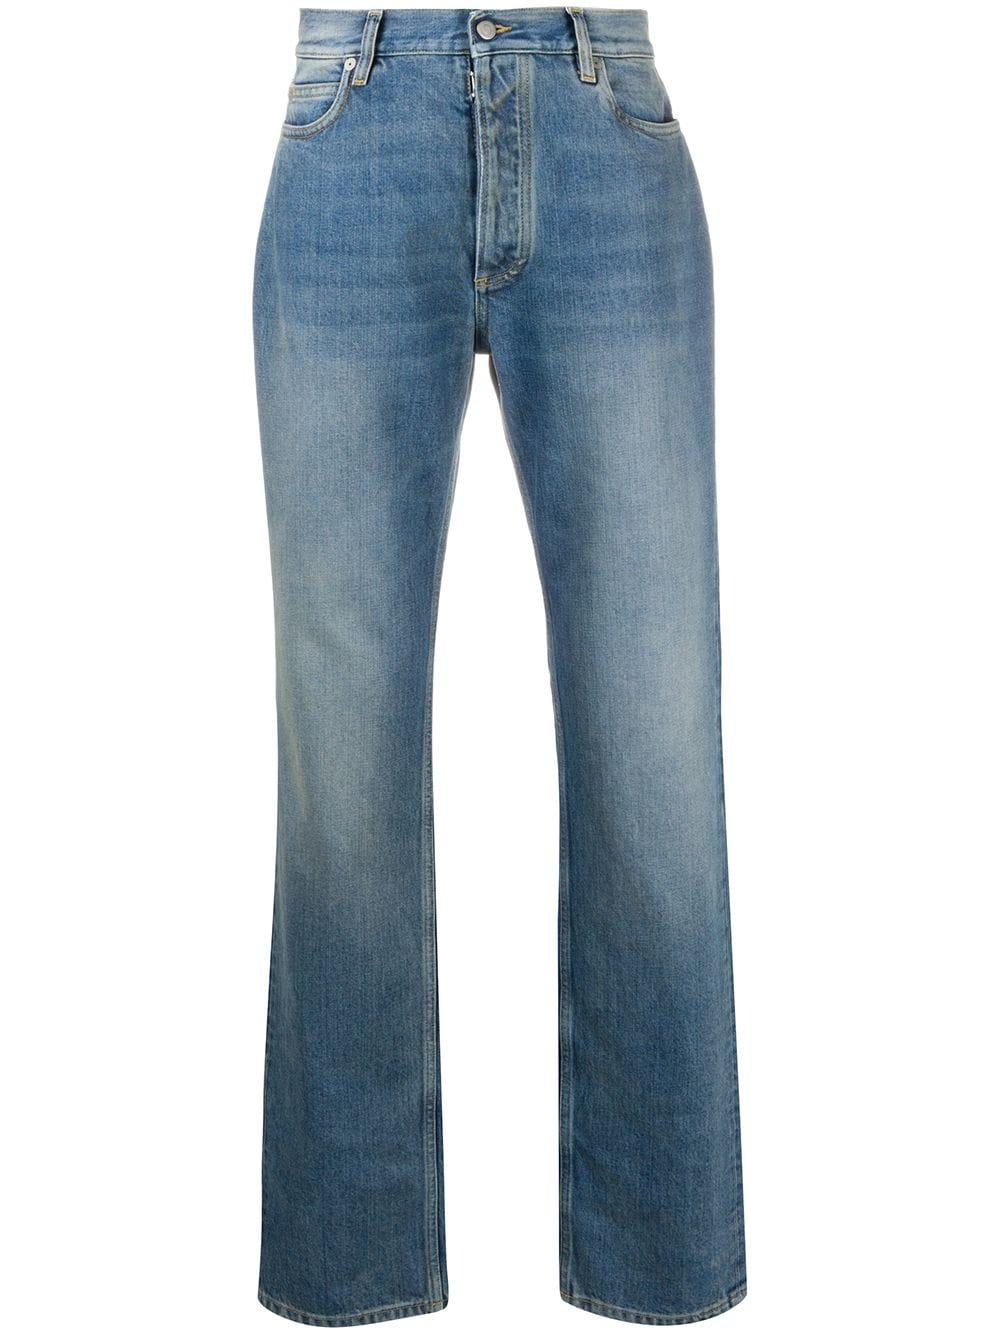 Maison Margiela   Maison Margiela джинсы прямого кроя   Clouty